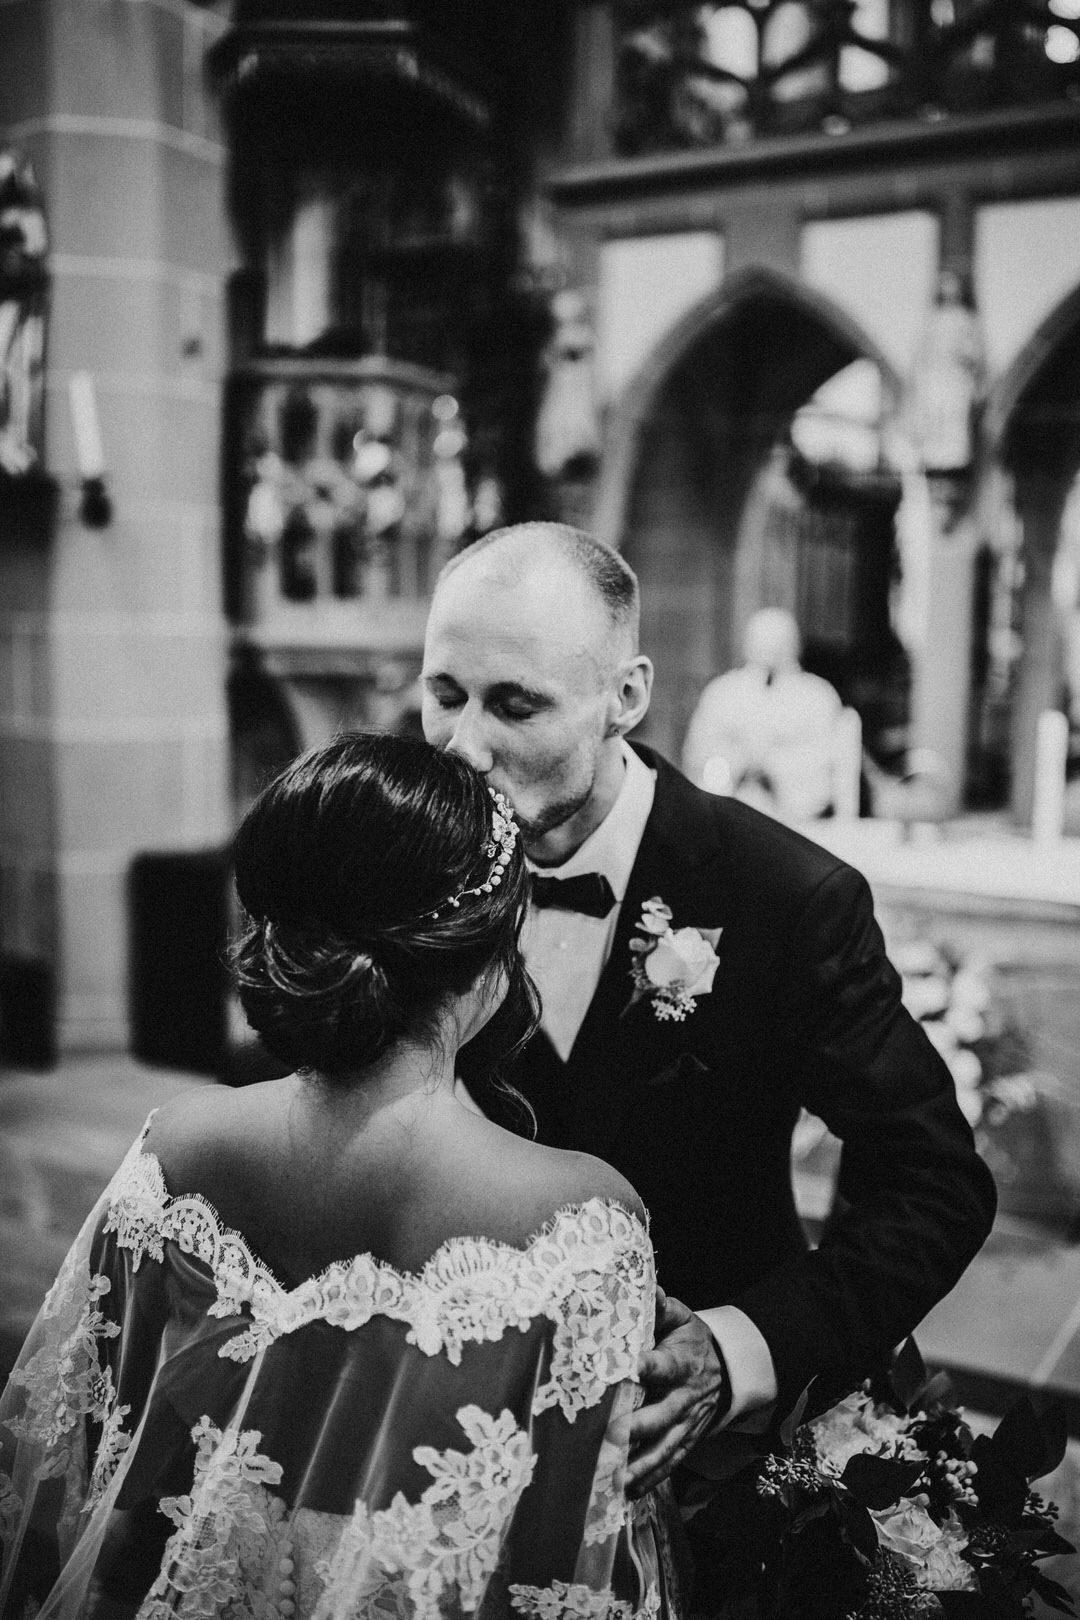 Emotionaler Moment bei den Hochzeitsfotos in der Kirche, ein gerührter Bräutigam küsst seine Braut auf die Stirn